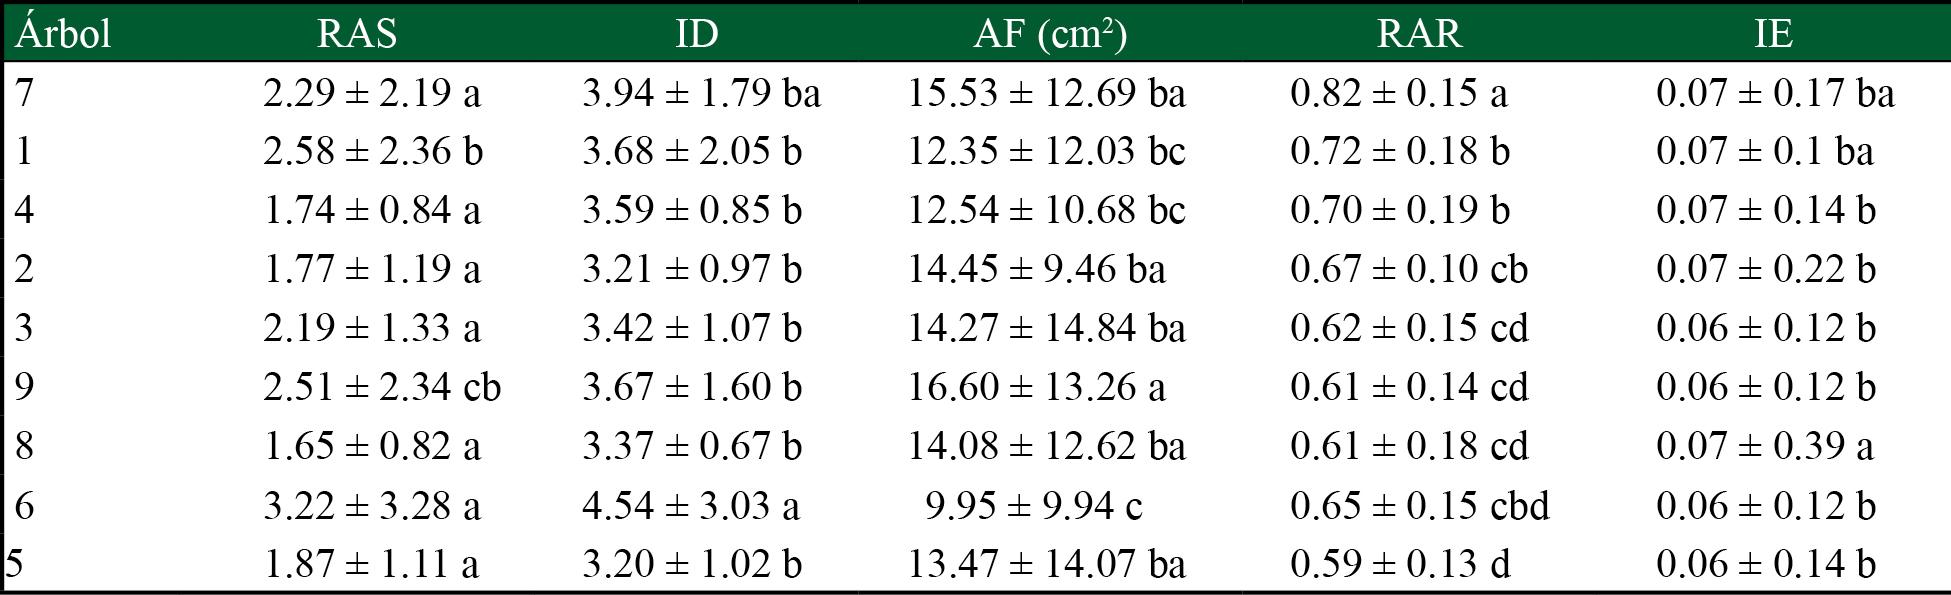 Área foliar e índices de calidad de planta en Leucaena esculenta a diferentes edades